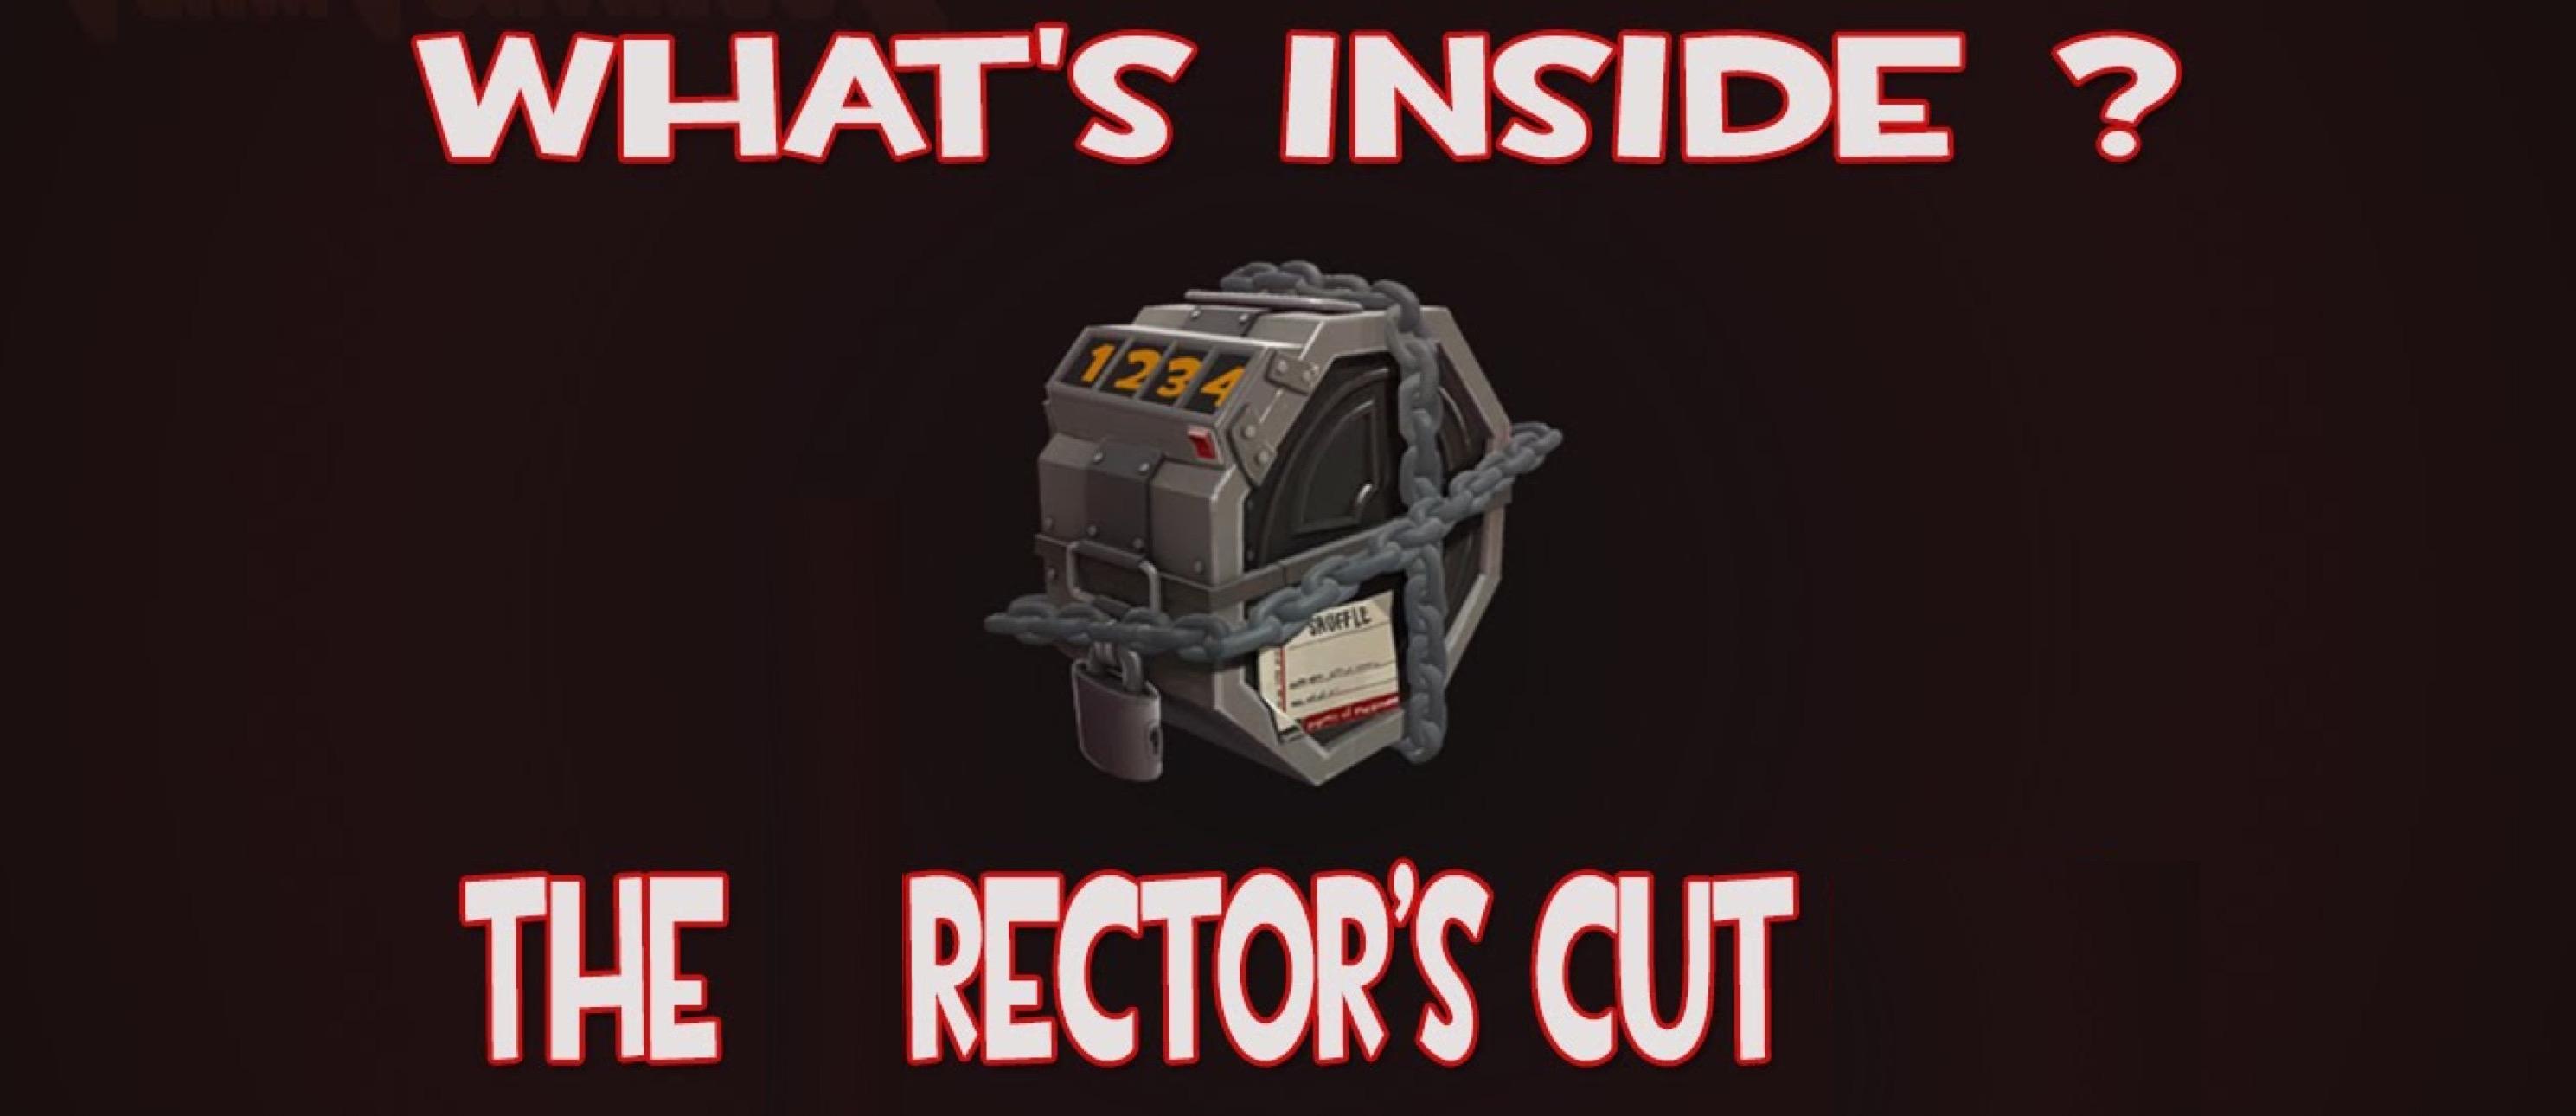 Rectors_cut2